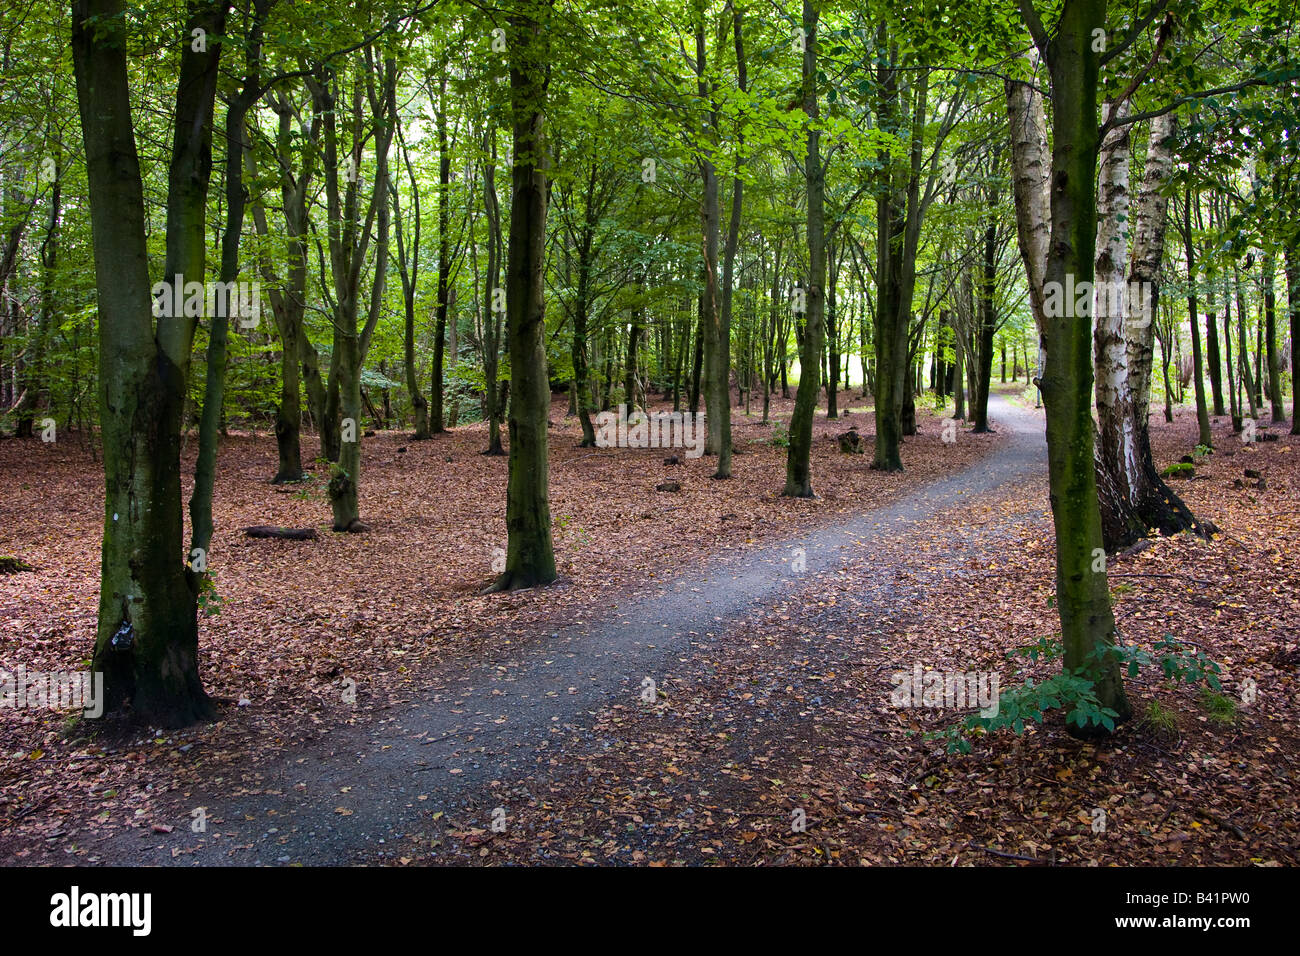 Forest path at Torslanda Sweden - Stock Image